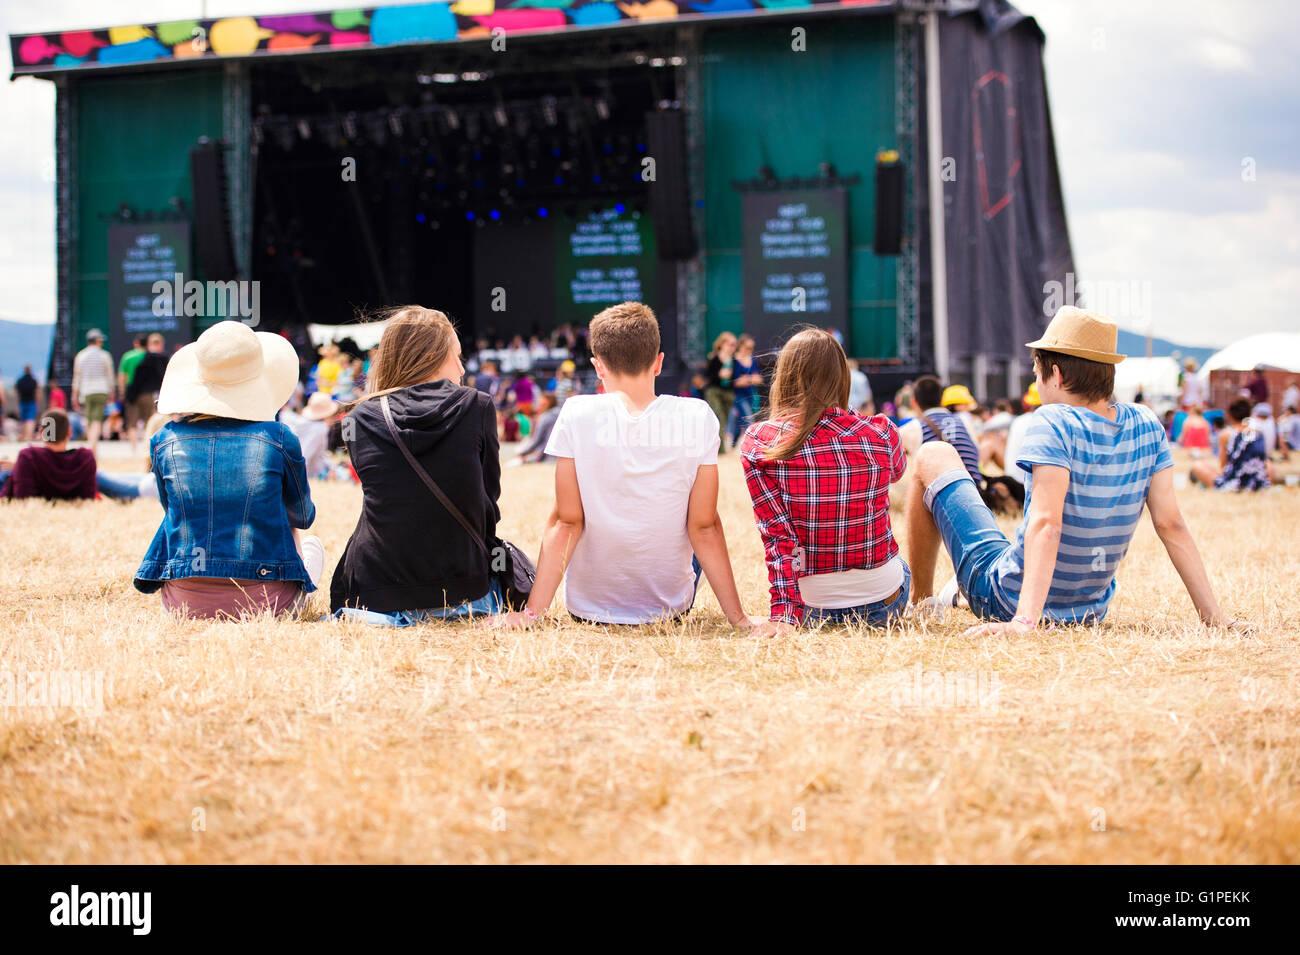 Gli adolescenti, i festival estivi di musica, seduti nella parte anteriore della fase Immagini Stock